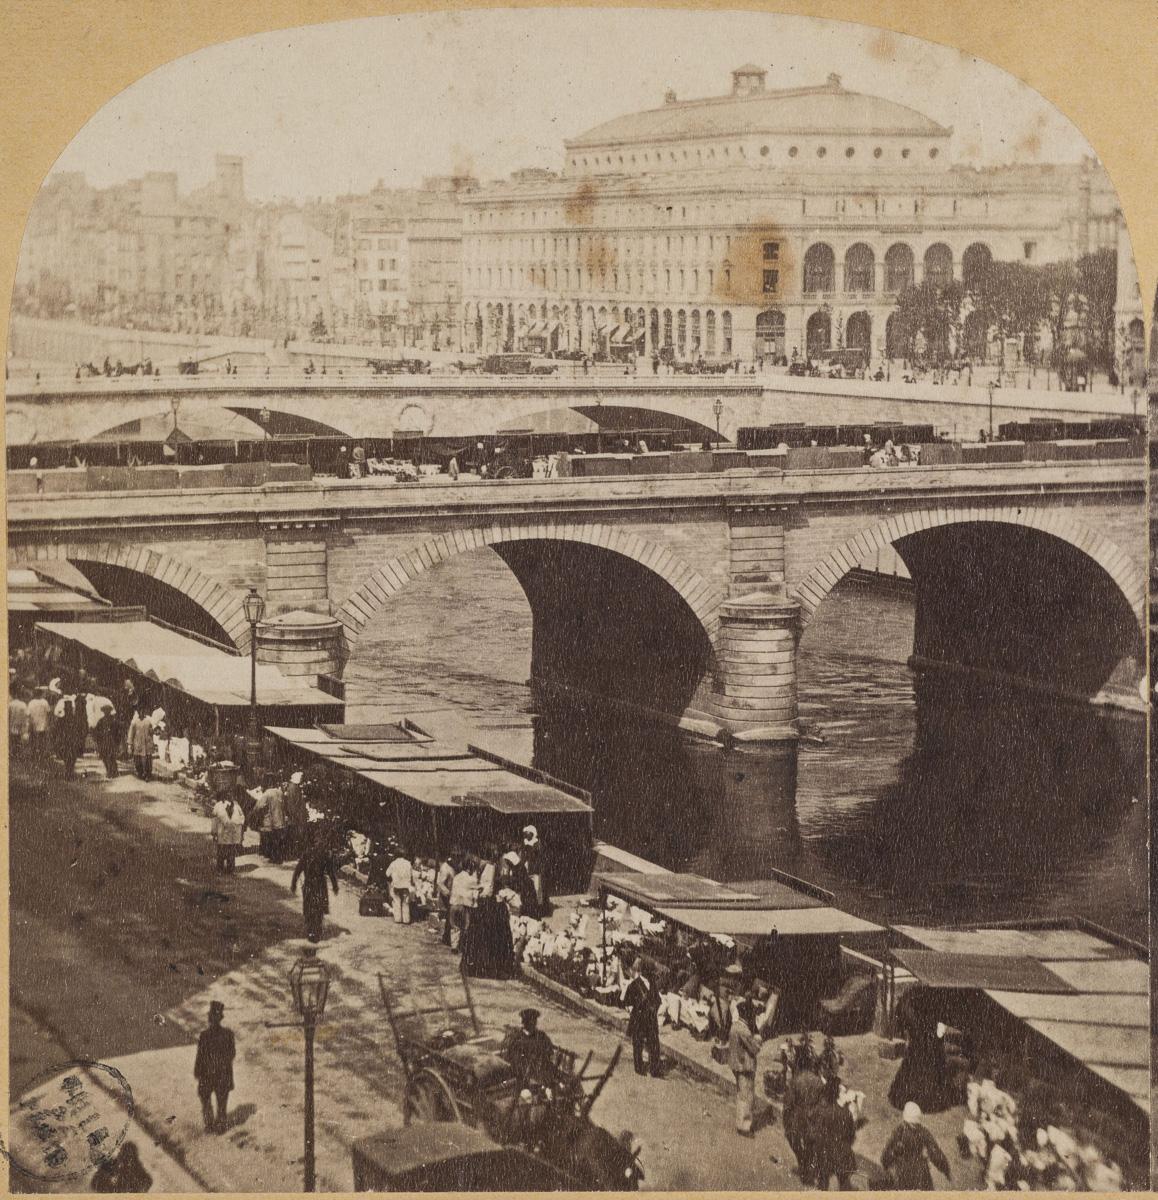 Théâtre du Châtelet.  Anonyme , Photographe  Entre 1860  2e moitié du 19e siècle   Musée Carnavalet, Histoire de Paris